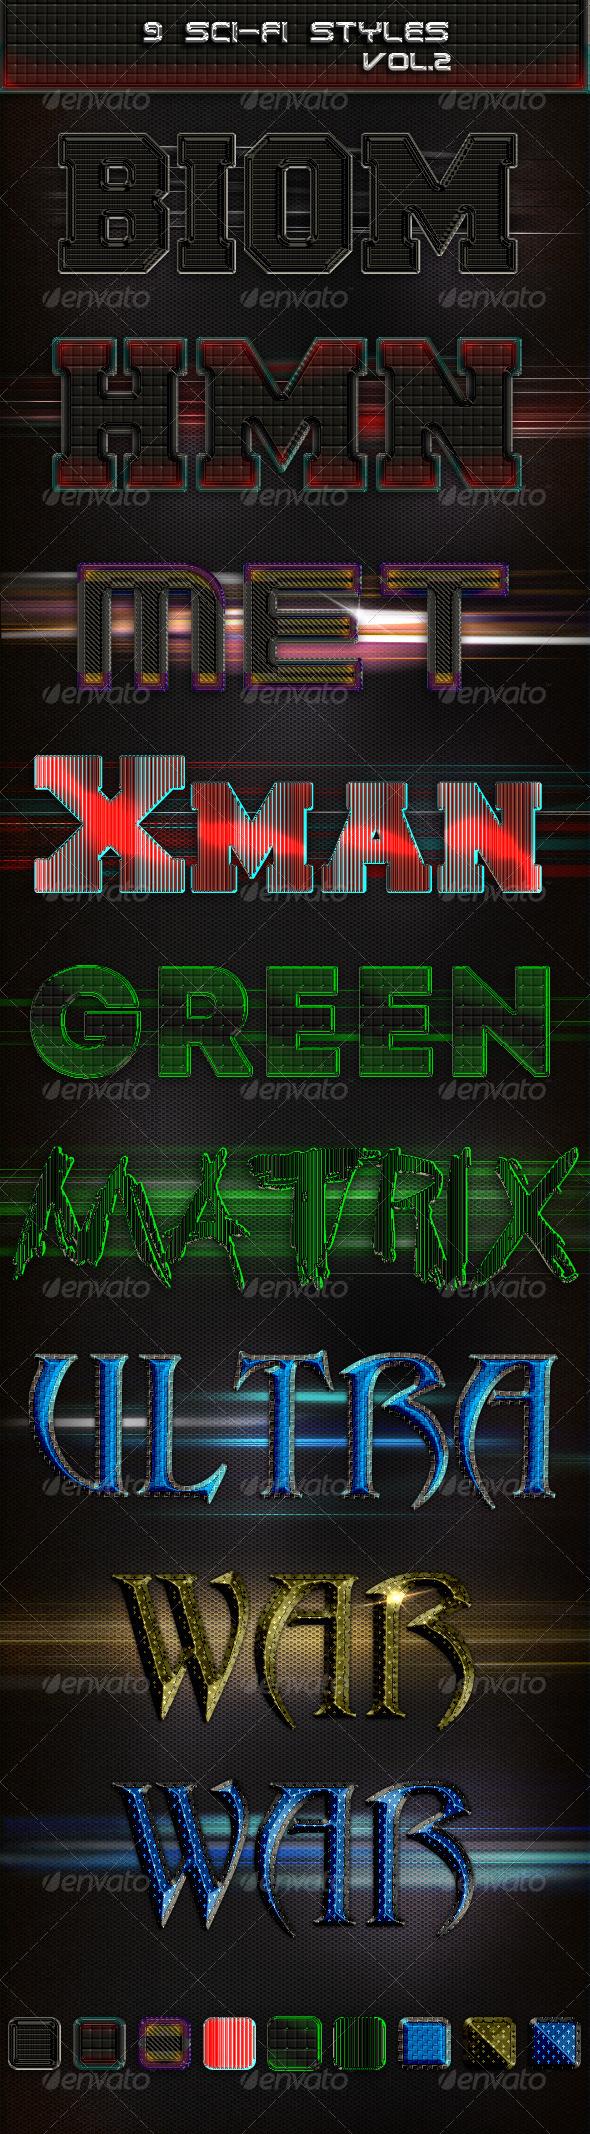 GraphicRiver 9 Sci-Fi Styles vol 2 4232962